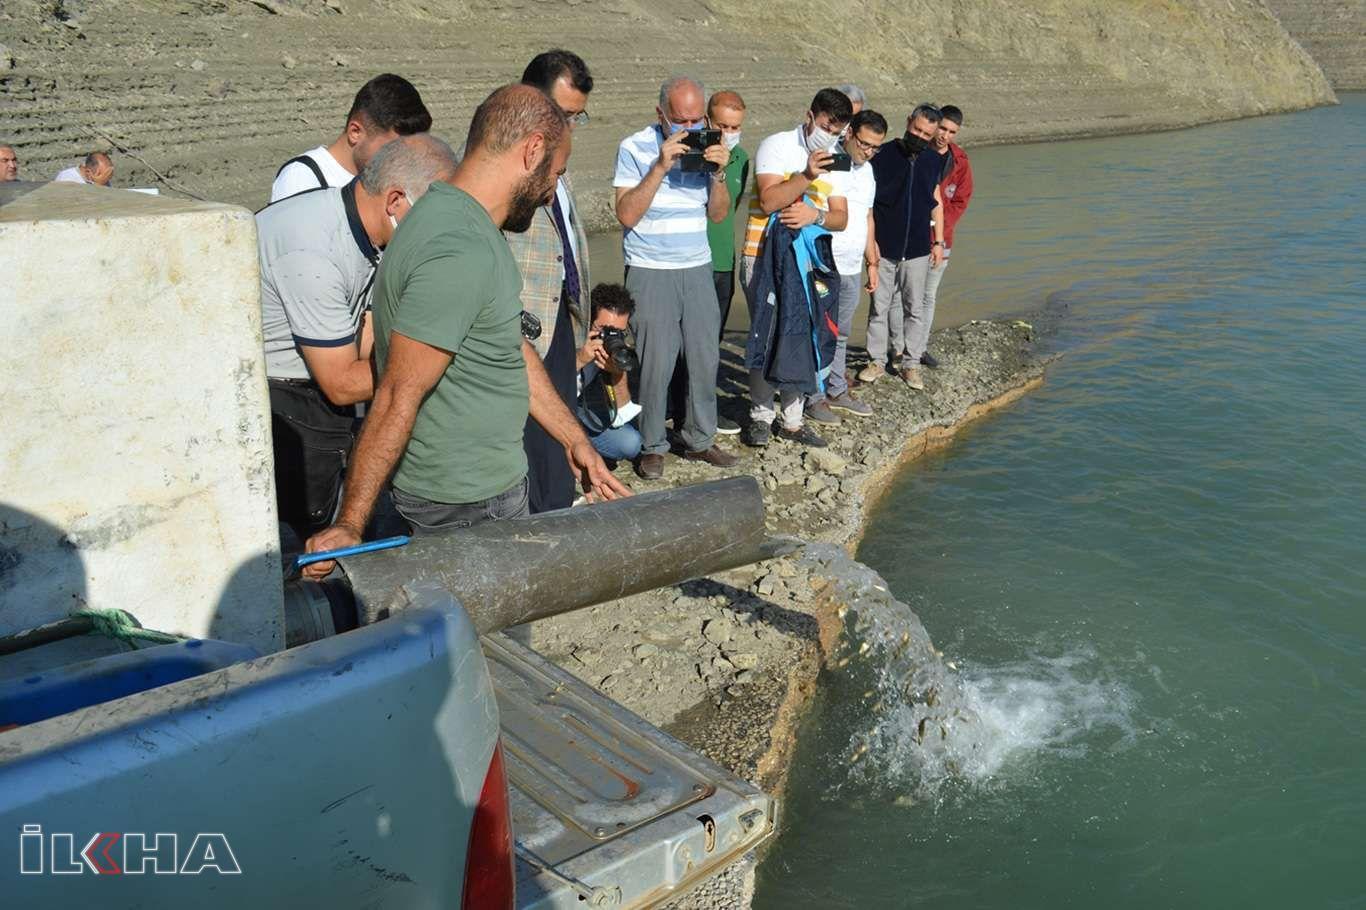 Siirtte gölet ve barajlara bir milyon 486 bin pullu sazan bırakıldı